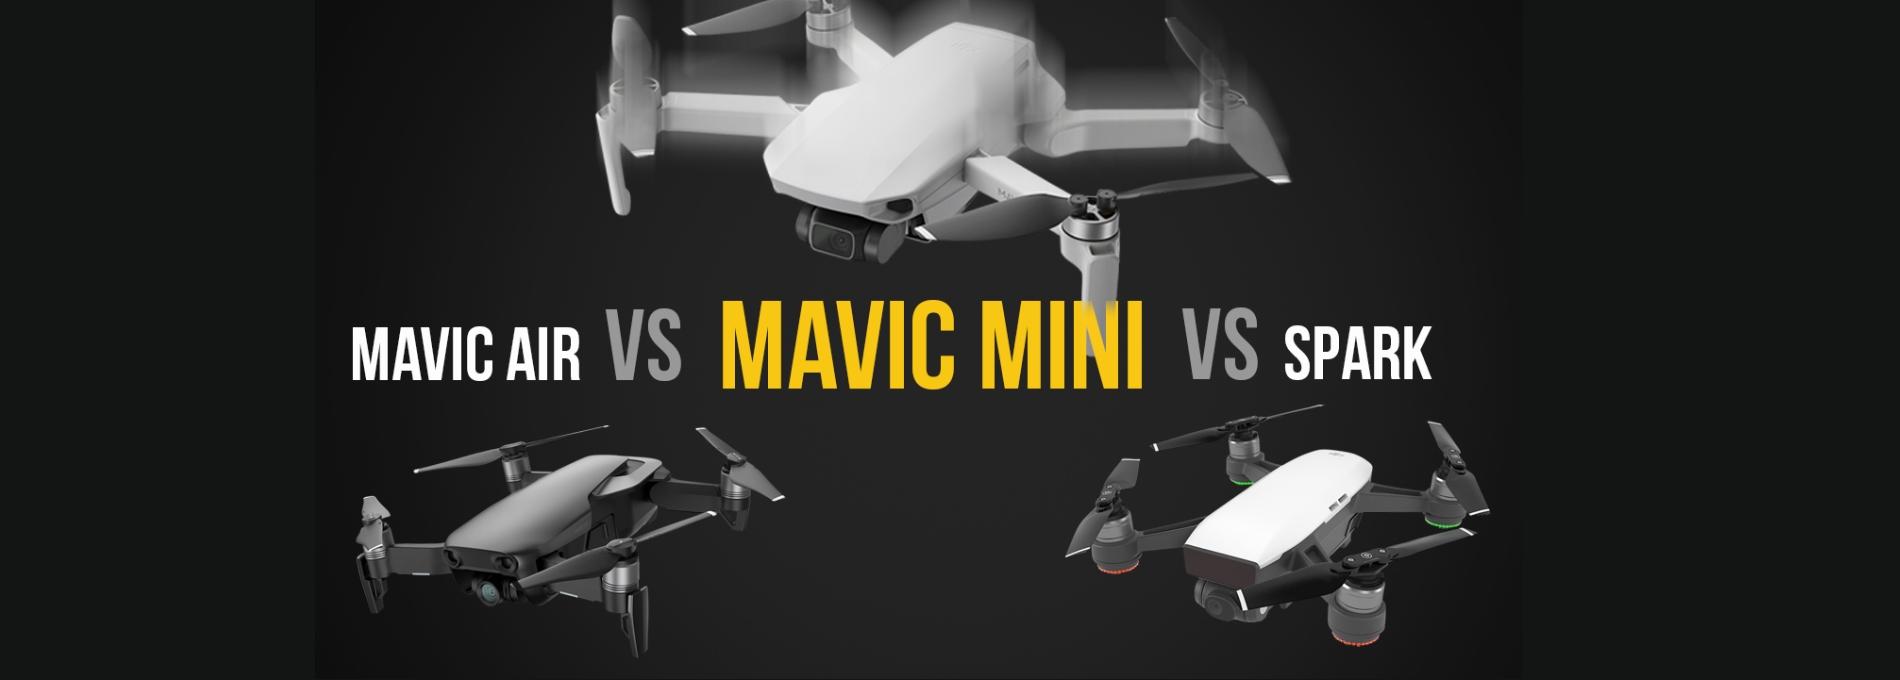 DJI Mavic Mini vs DJI Mavic Air vs DJI Spark